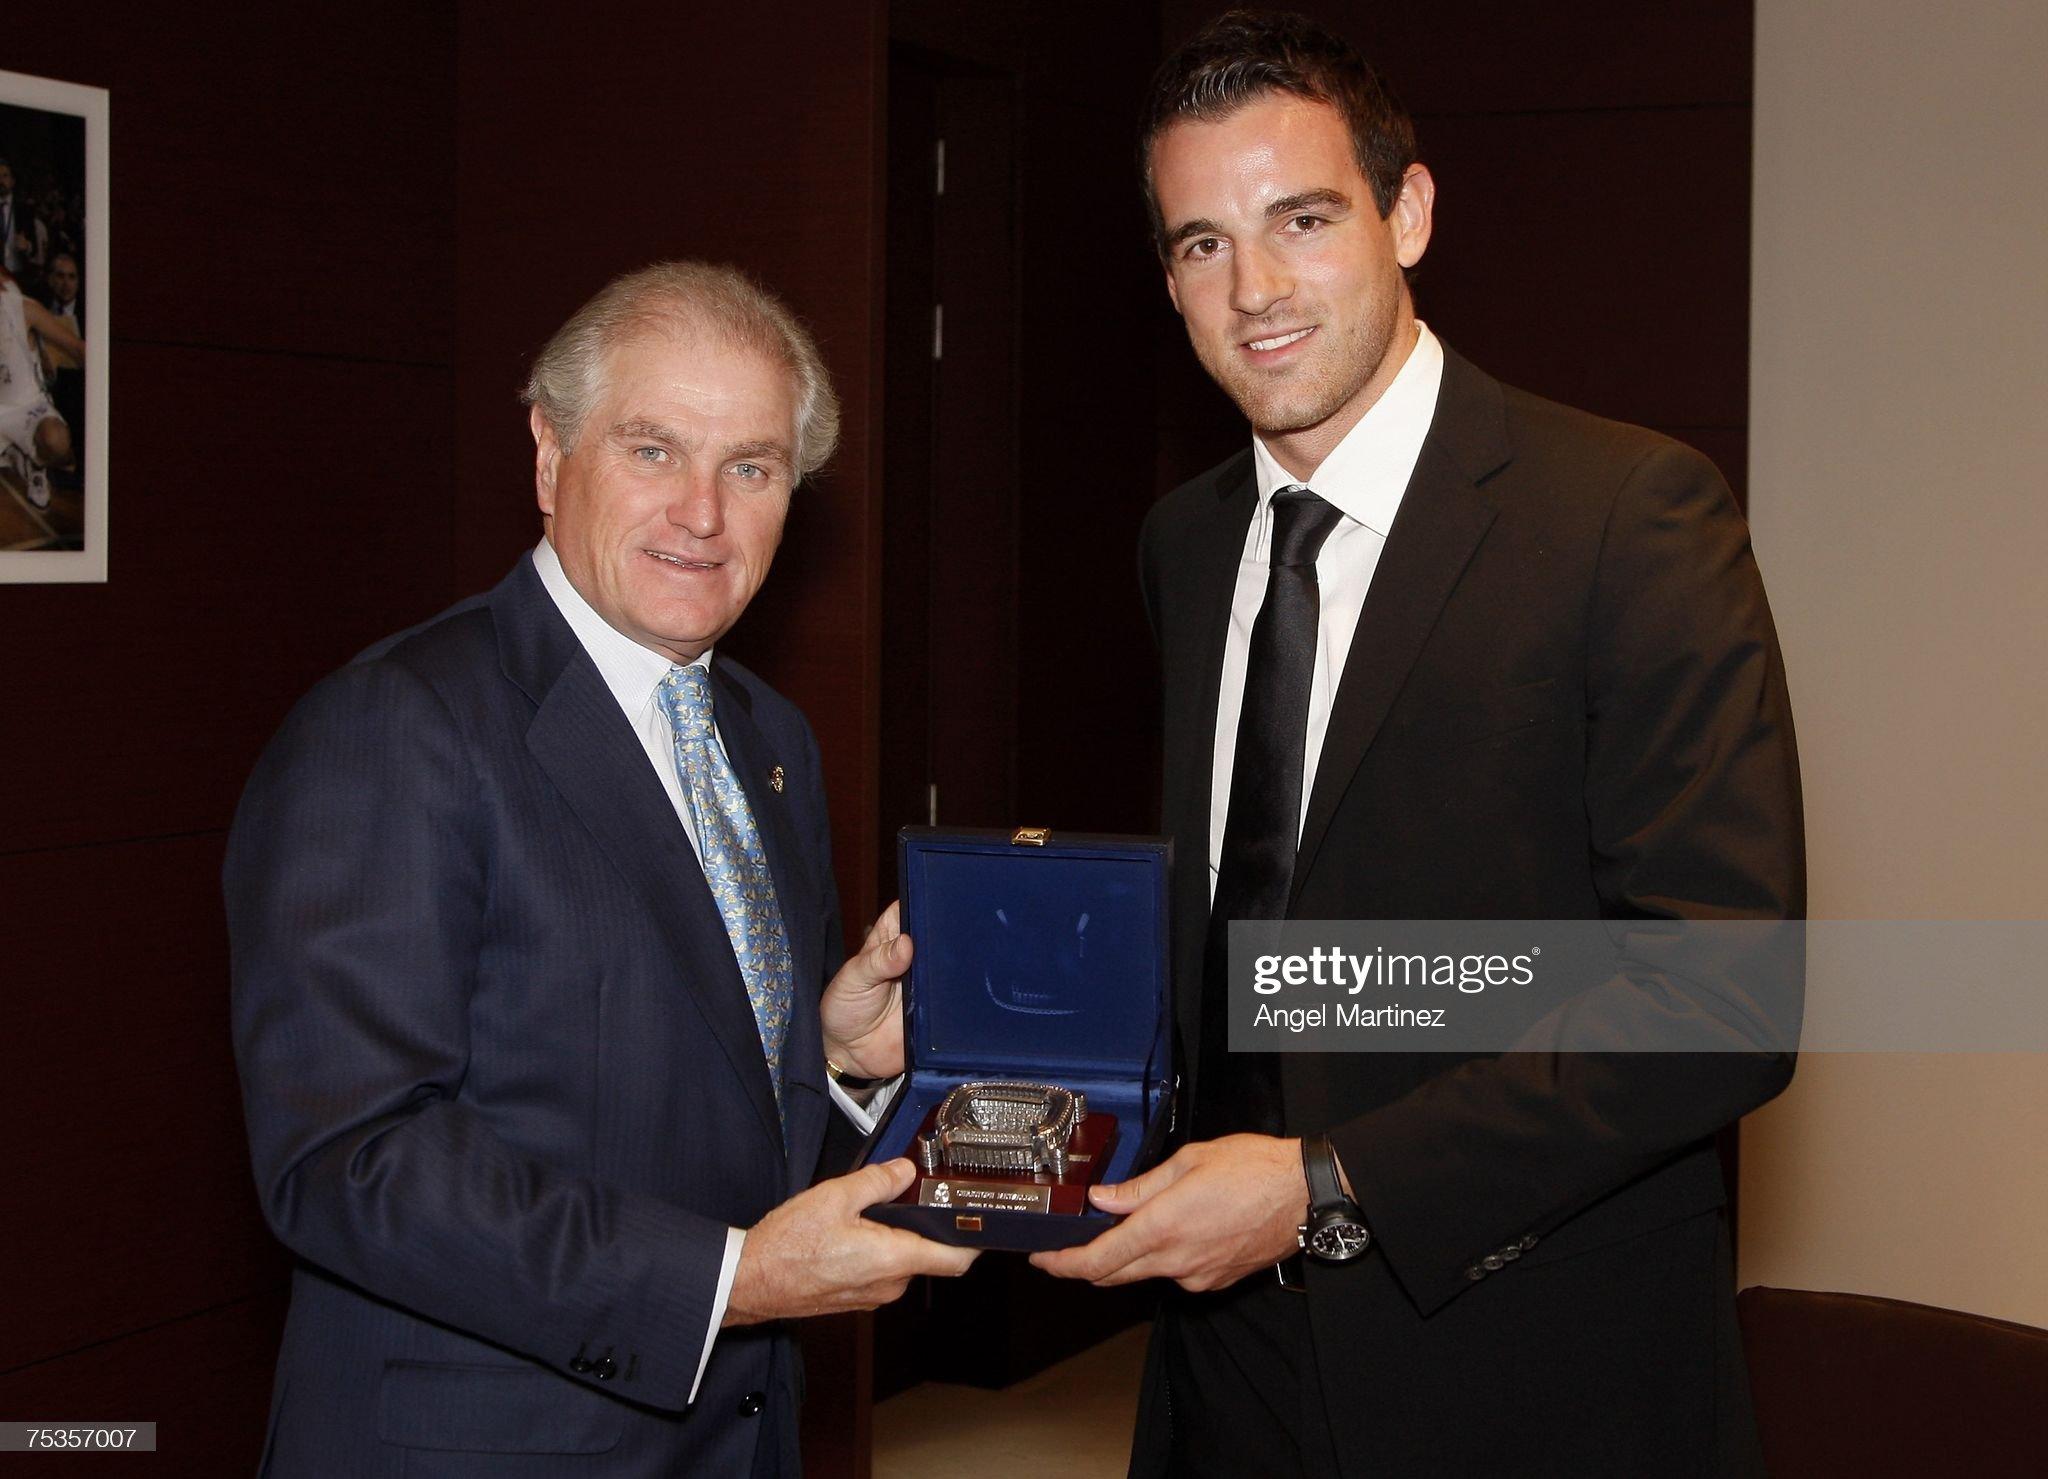 ¿Cuánto mide Ramón Calderón? Christoph-metzelder-receives-a-present-of-ramon-calderon-reals-his-picture-id75357007?s=2048x2048